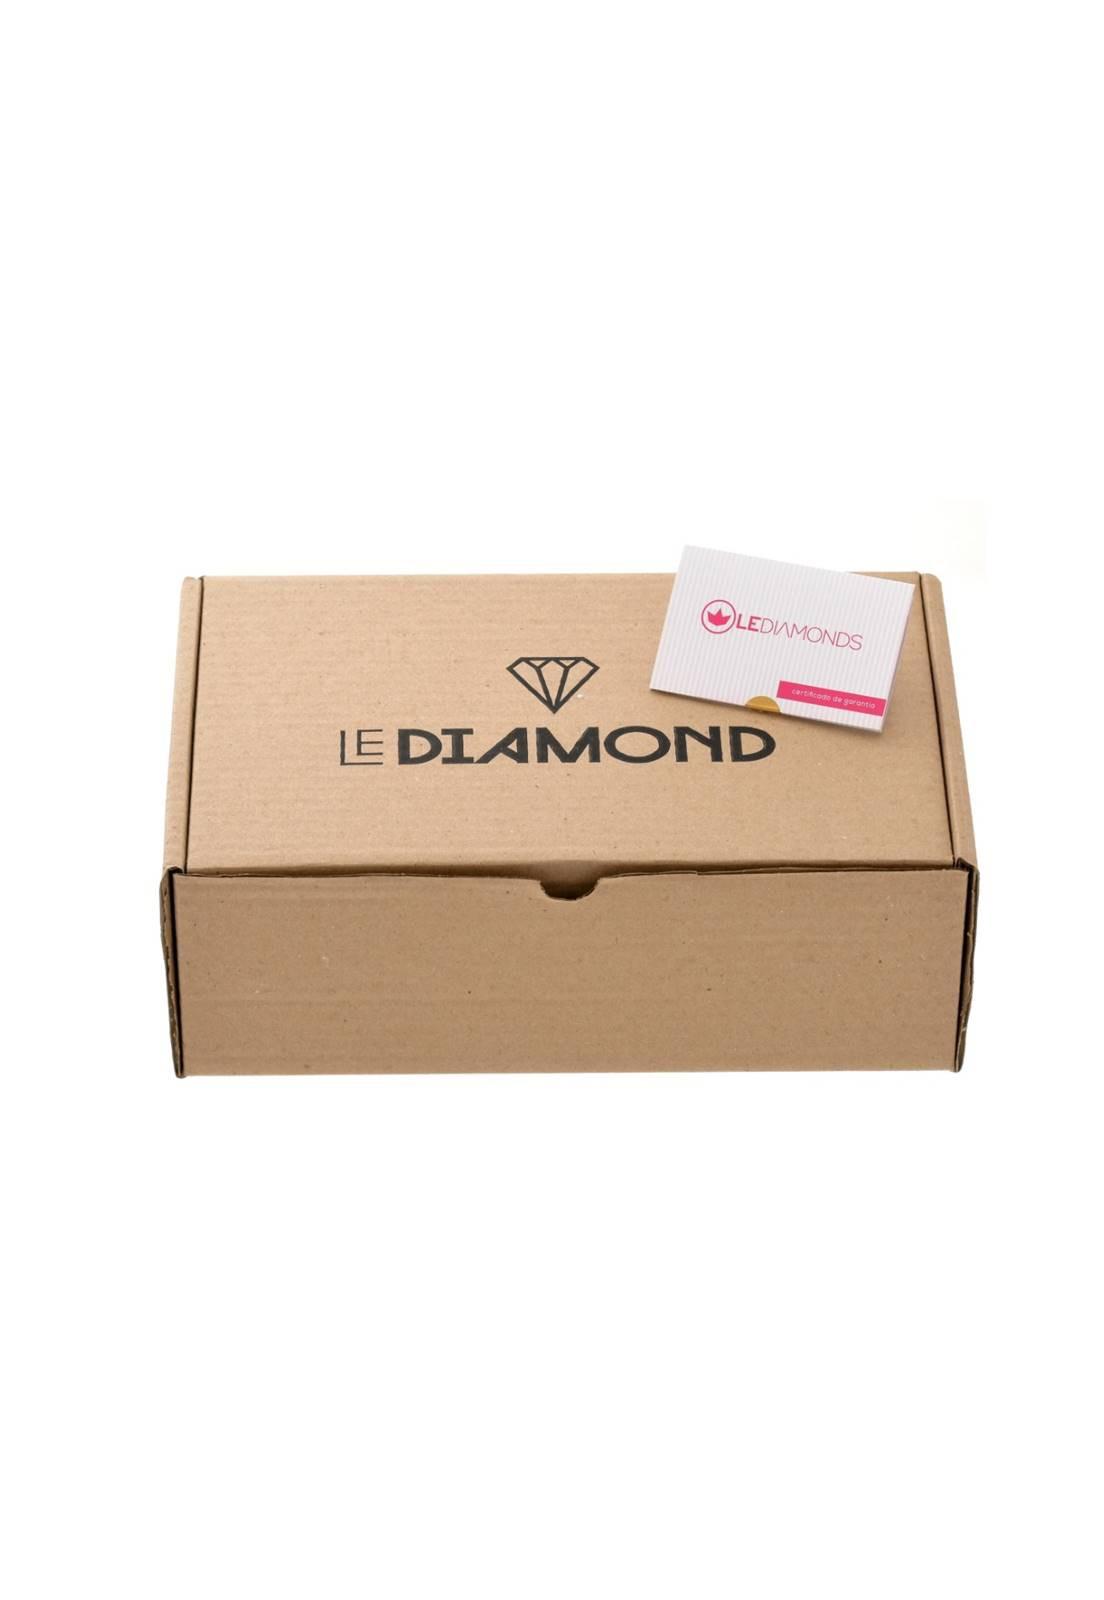 Brinco Le Diamond Aro Tubo Dourado